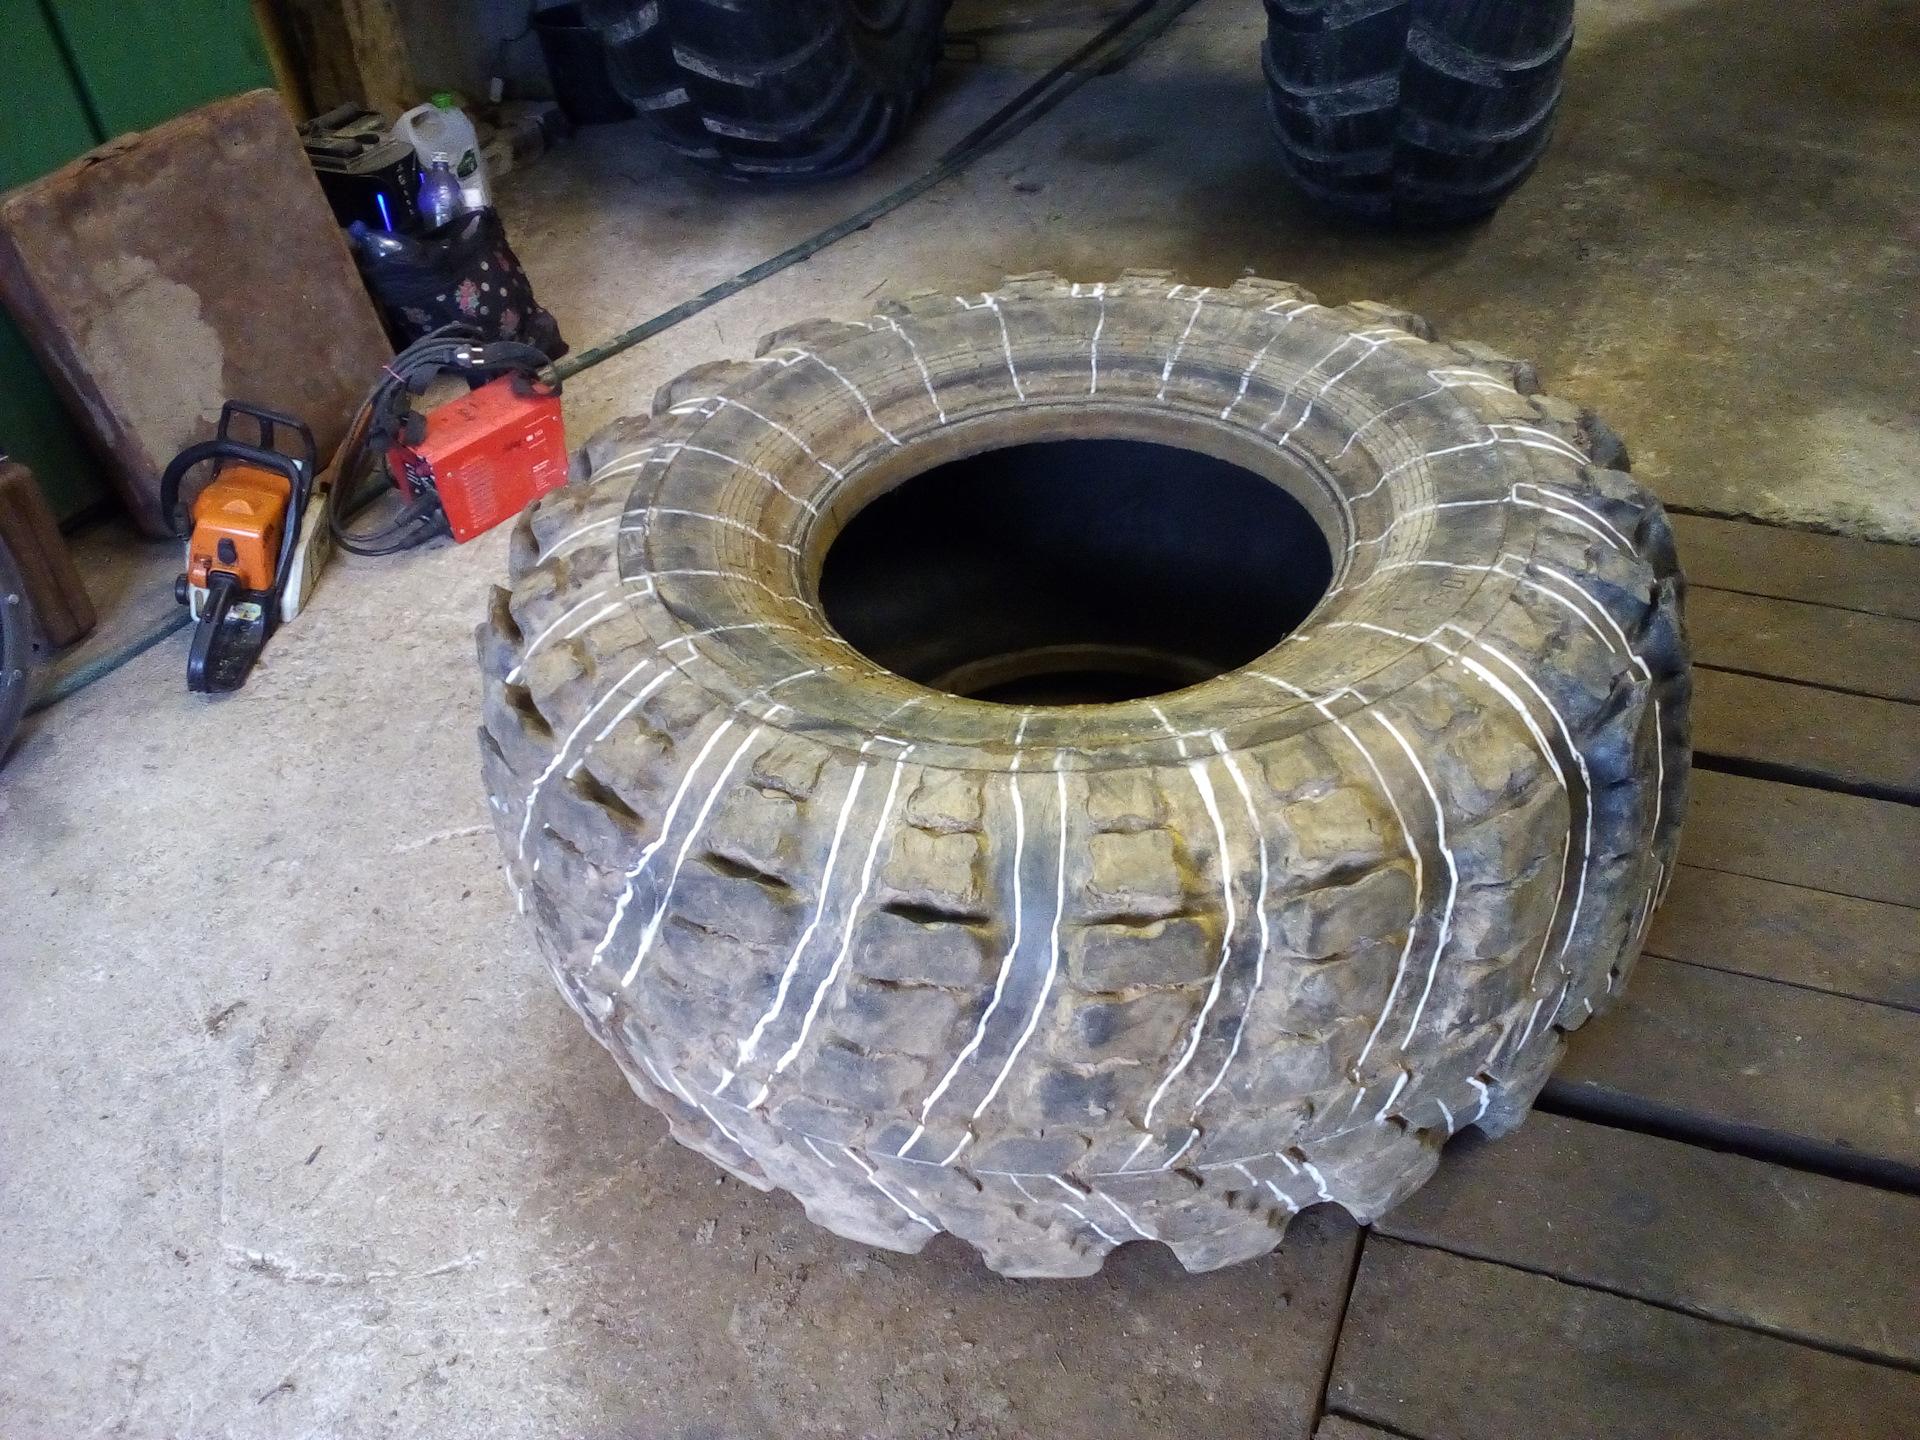 фотографии, самодельное колесо низкого давления фото баня дровах, отдых